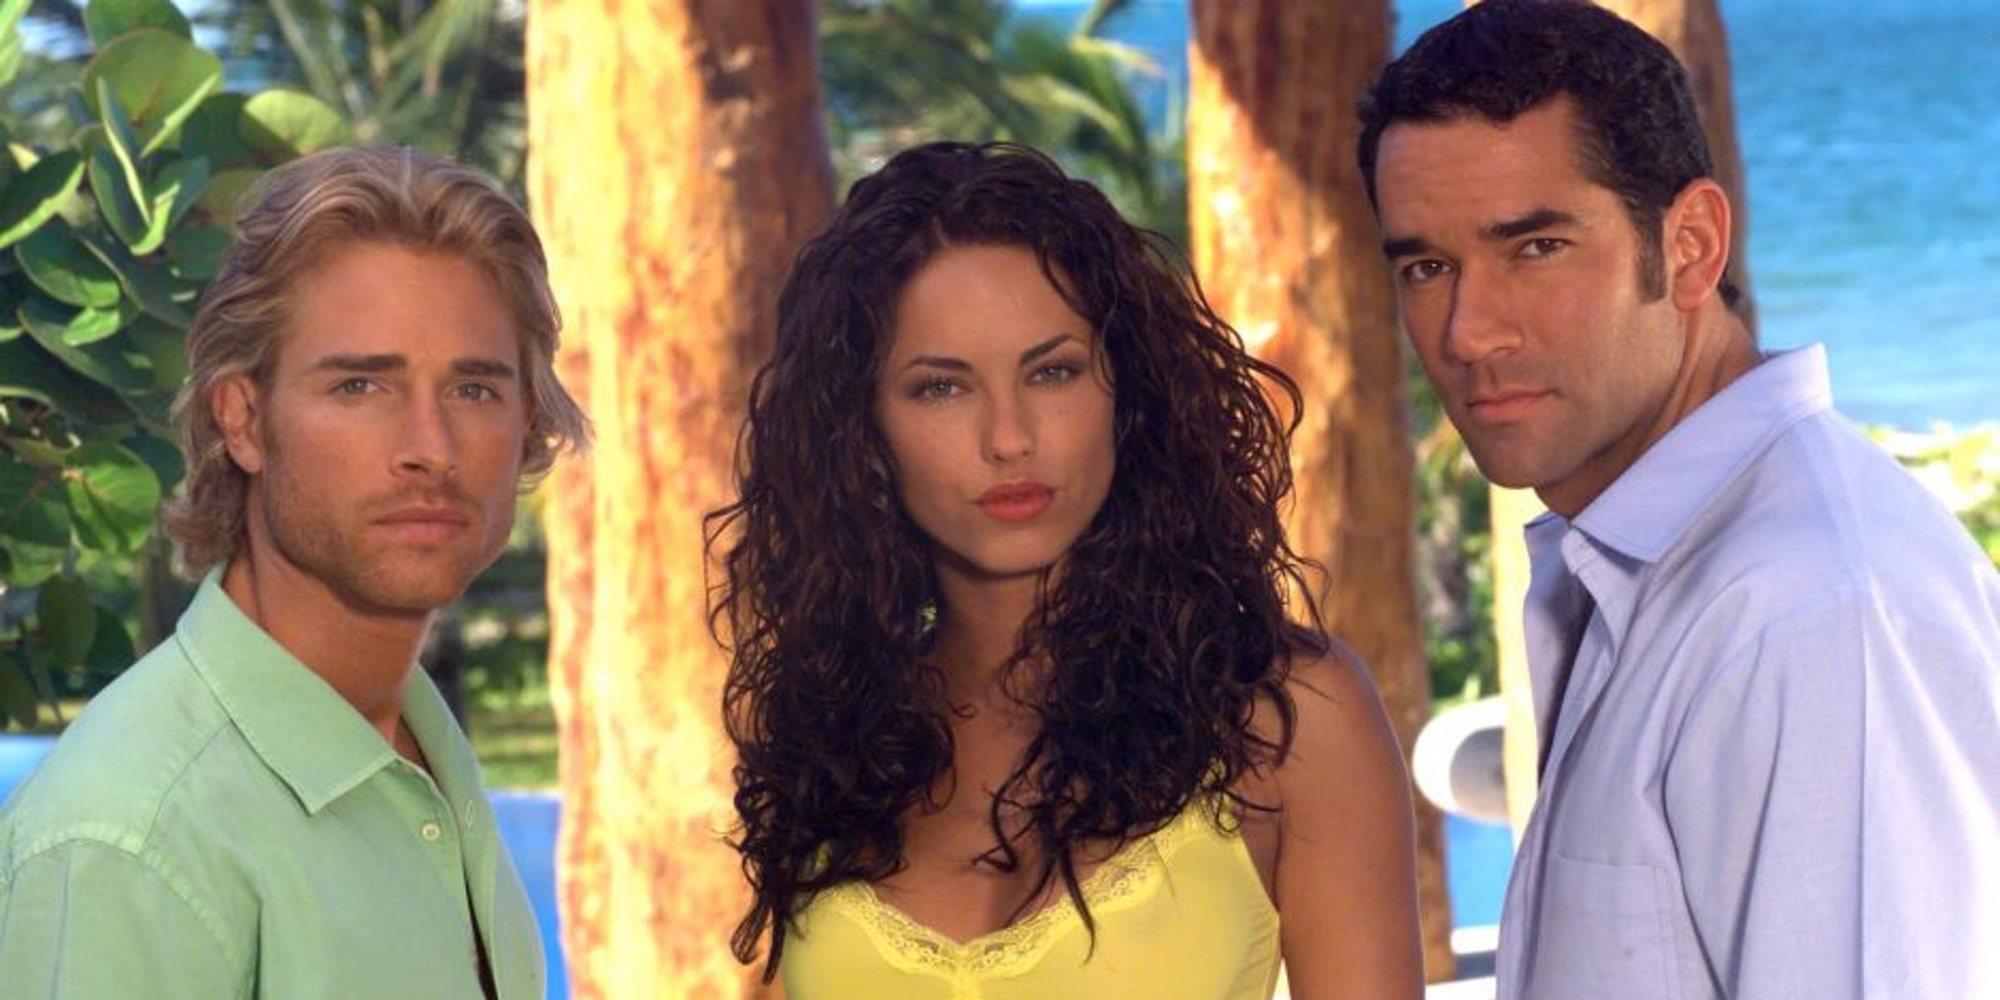 'Rubí', 'Rosalinda', 'Machos' y otras telenovelas con canciones para recordar